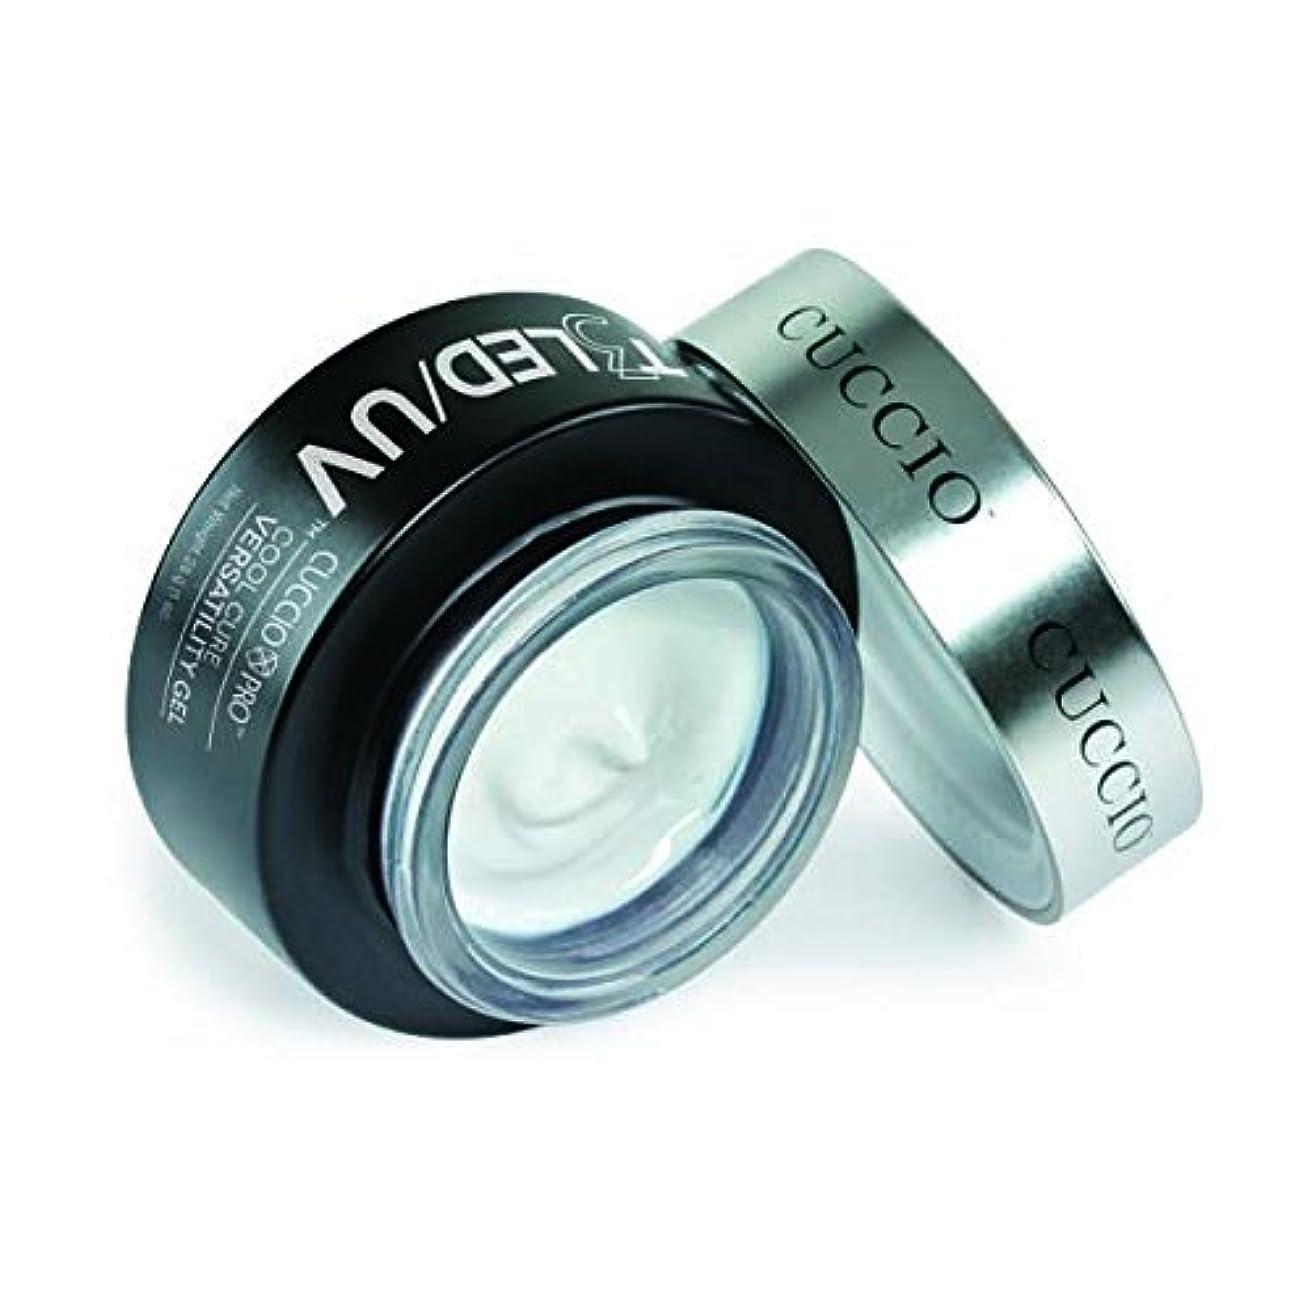 公平な改革真似るCuccio Pro - T3 LED/UV Self- Leveling Gel - Clear - 2oz / 56g